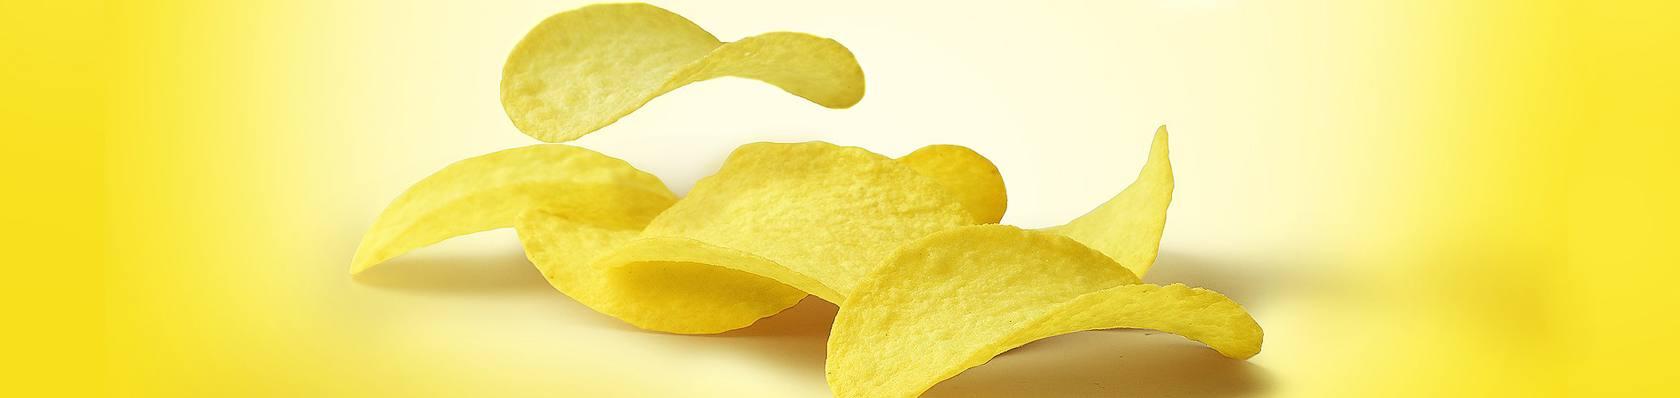 Chips im Test auf ExpertenTesten.de